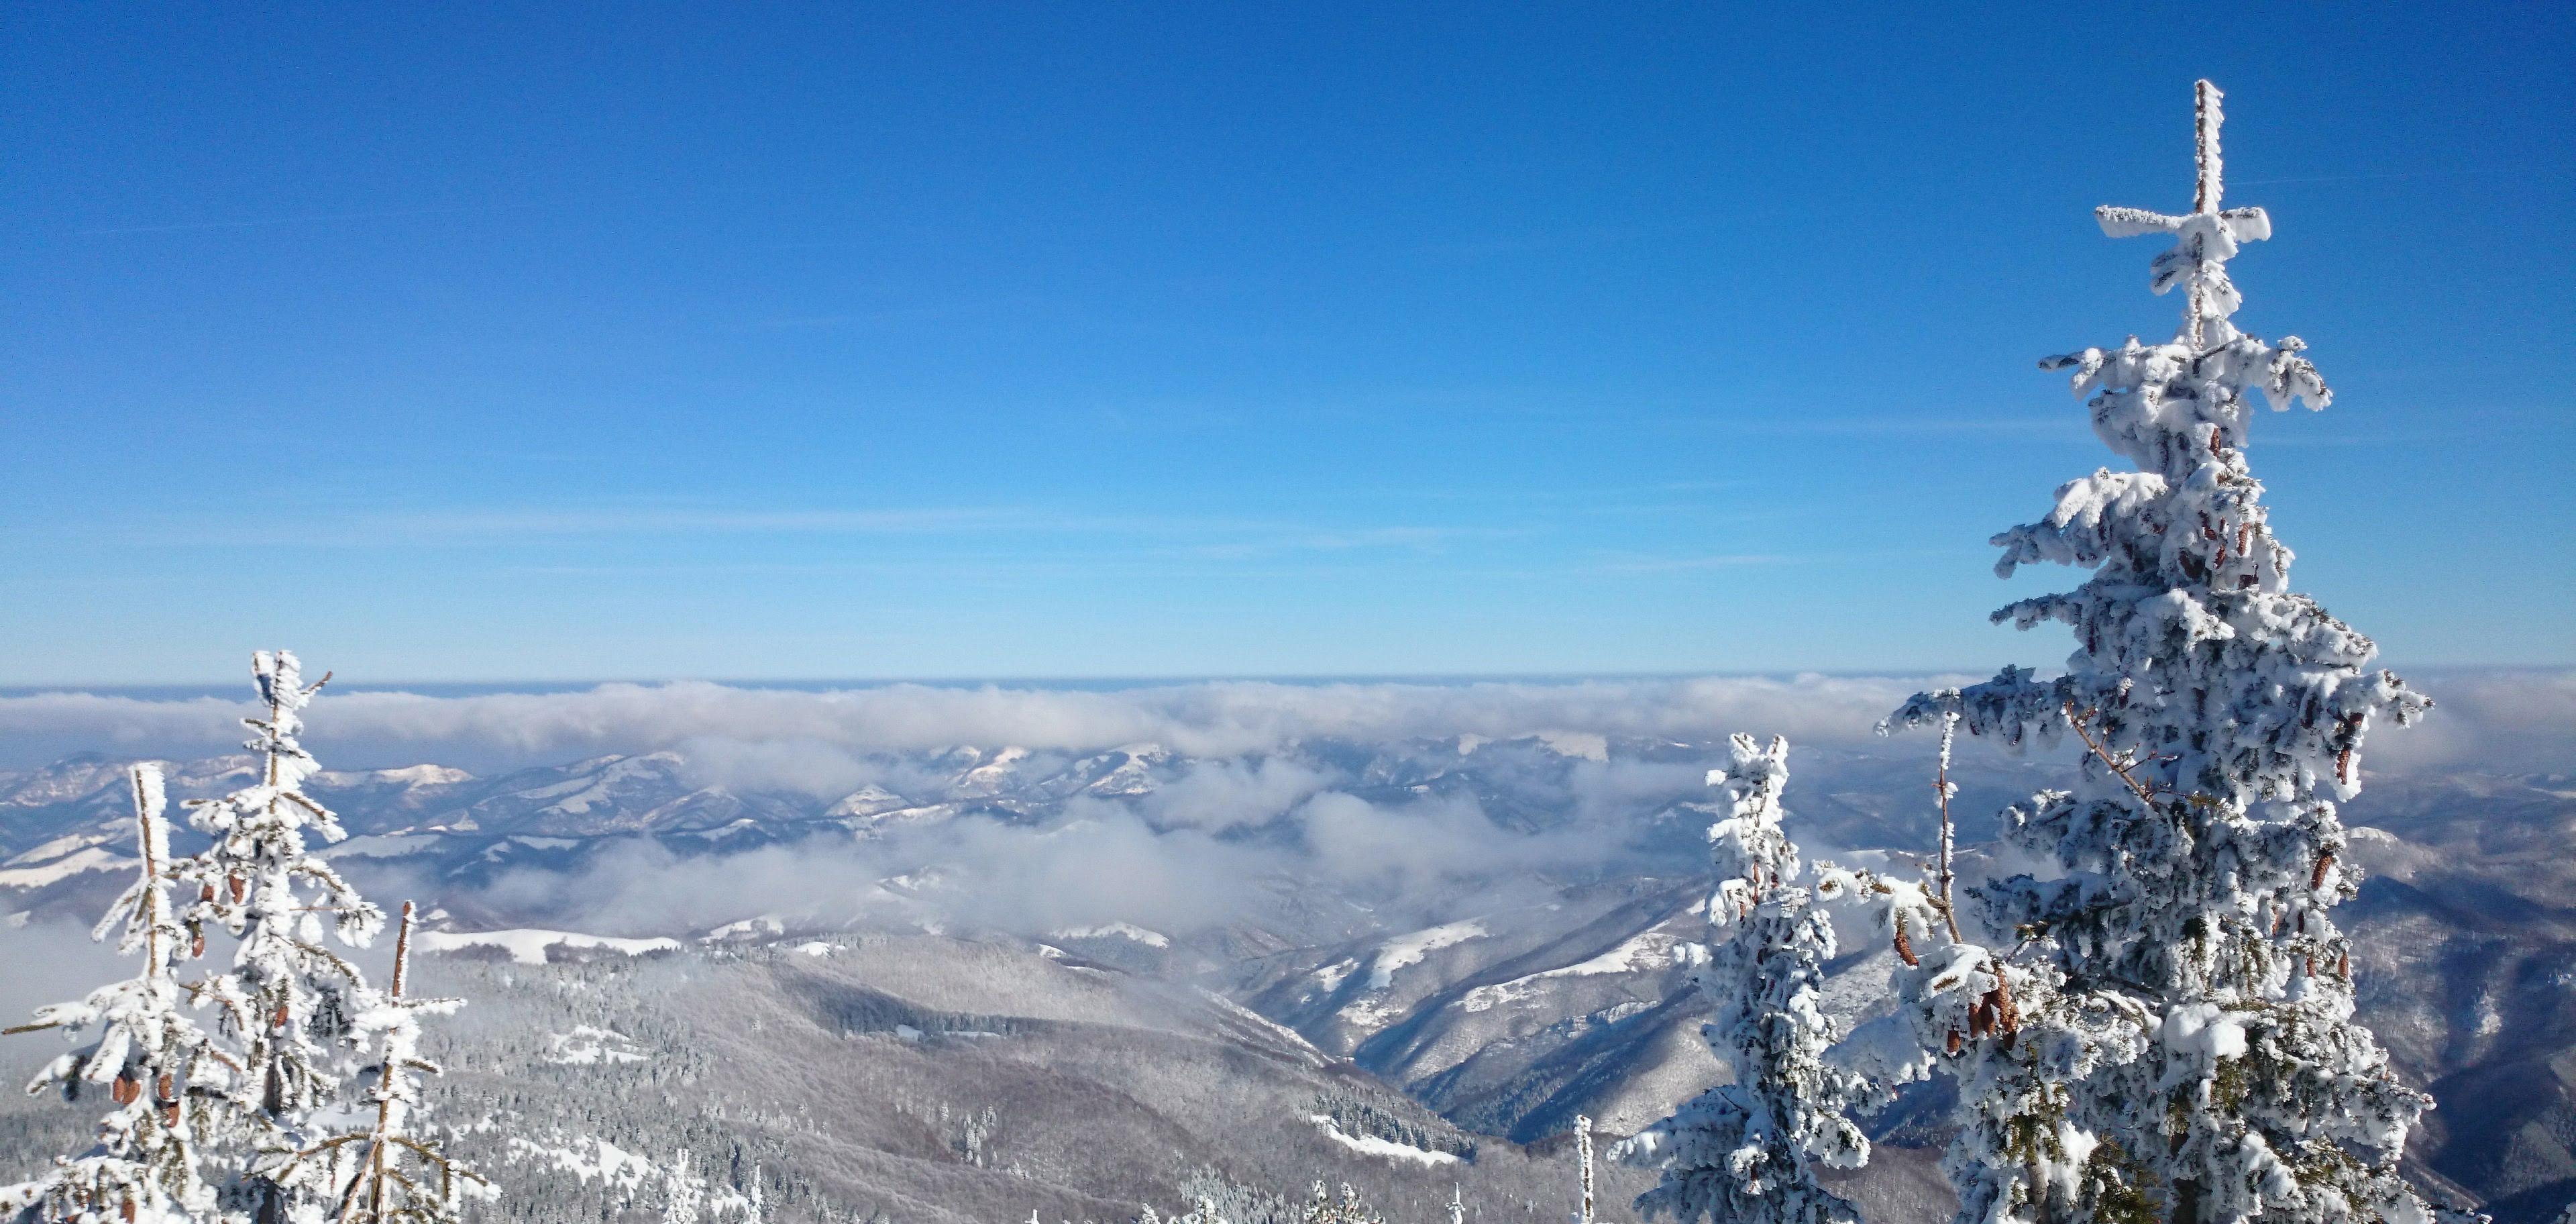 В периода 7 – 9 февруари ще се отправим към билото на Западна Стара планина. Ще направим преход по основното било между прохода Петрохан и връх Ком.